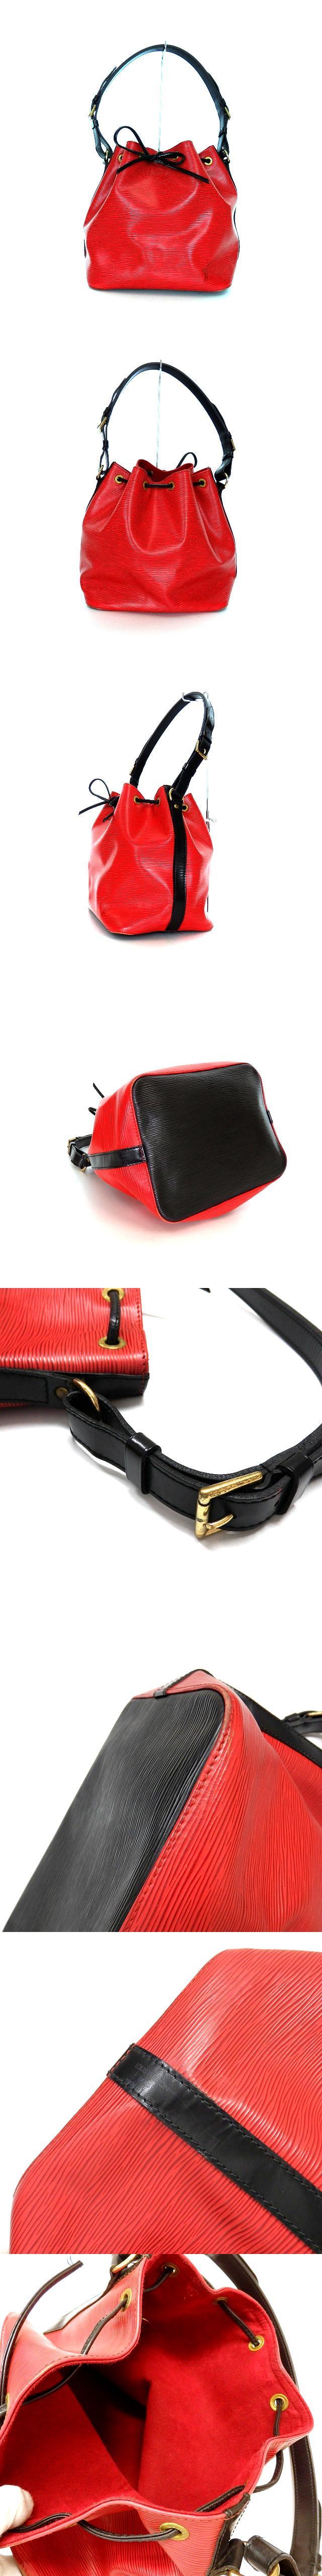 M44172 エピ プチノエ ショルダーバッグ 鞄 カスティリアンレッド/ノワール 赤 黒 SSAW